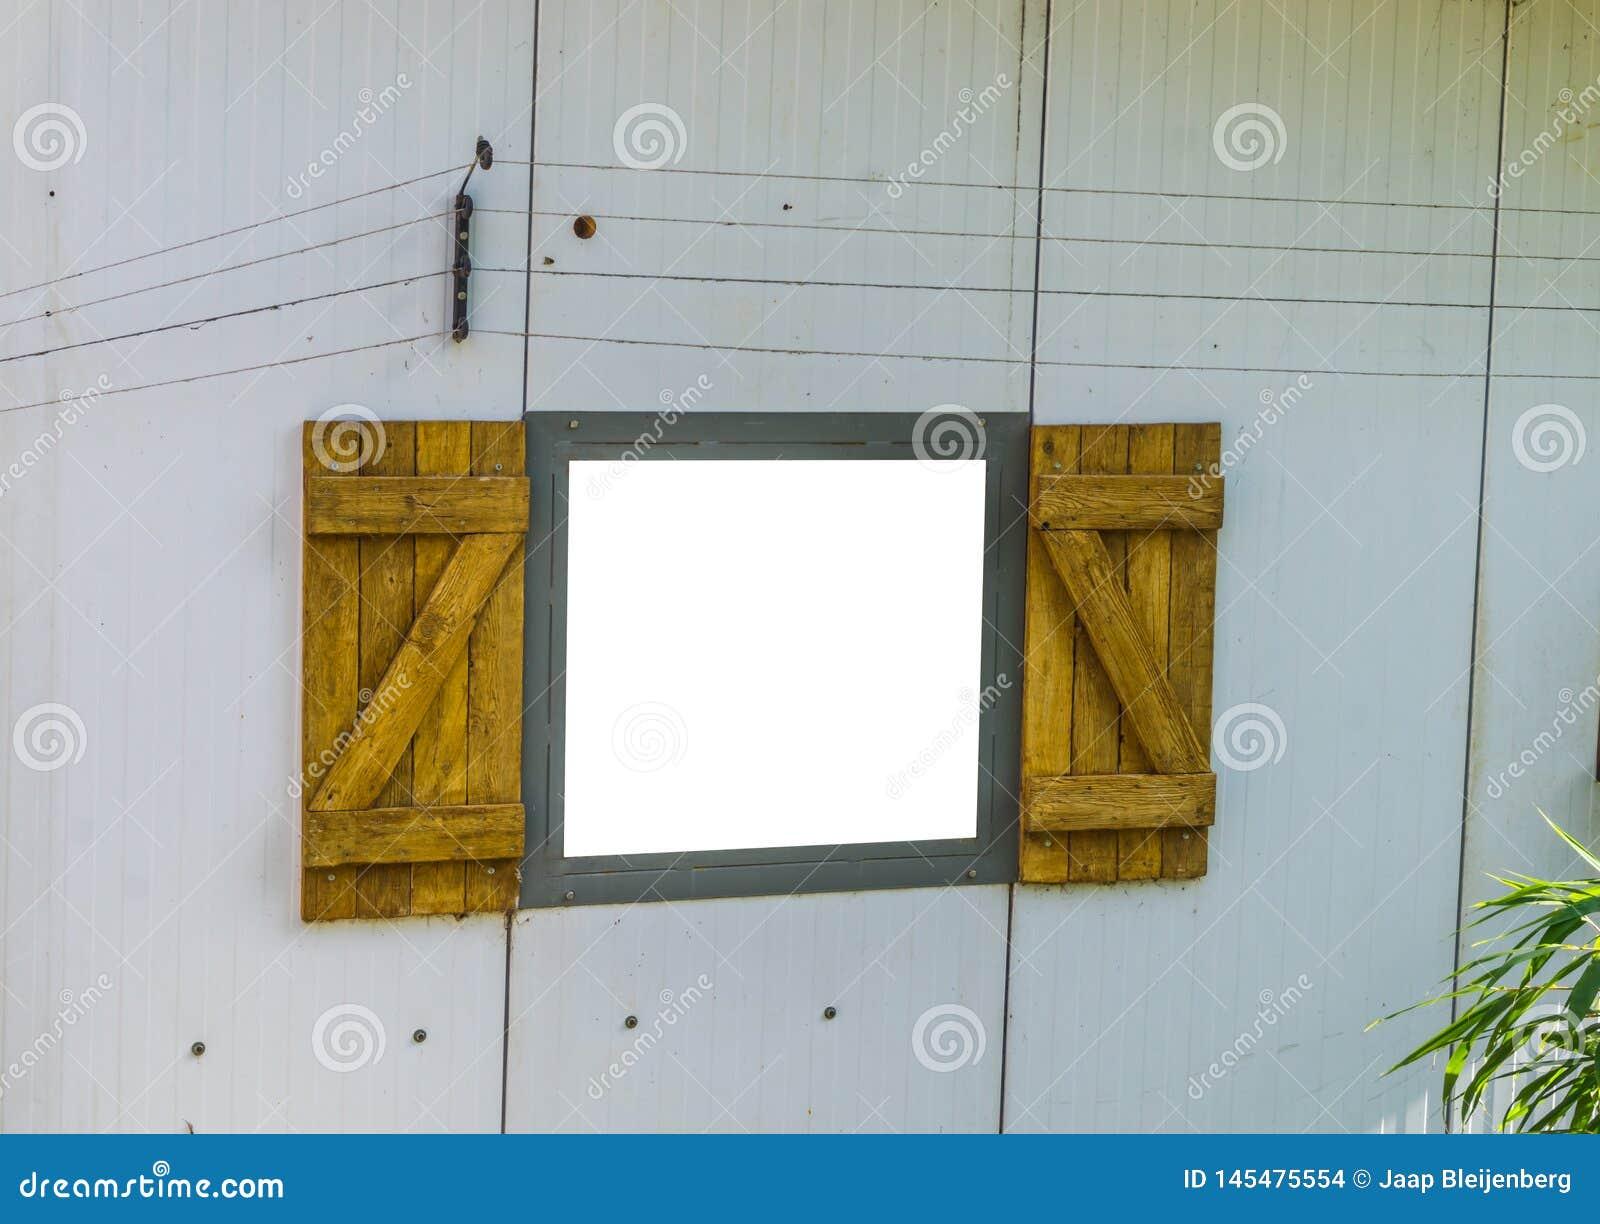 Het open raamkozijn verwijderde en isoleerde met wit, klassiek venster met houten blinden